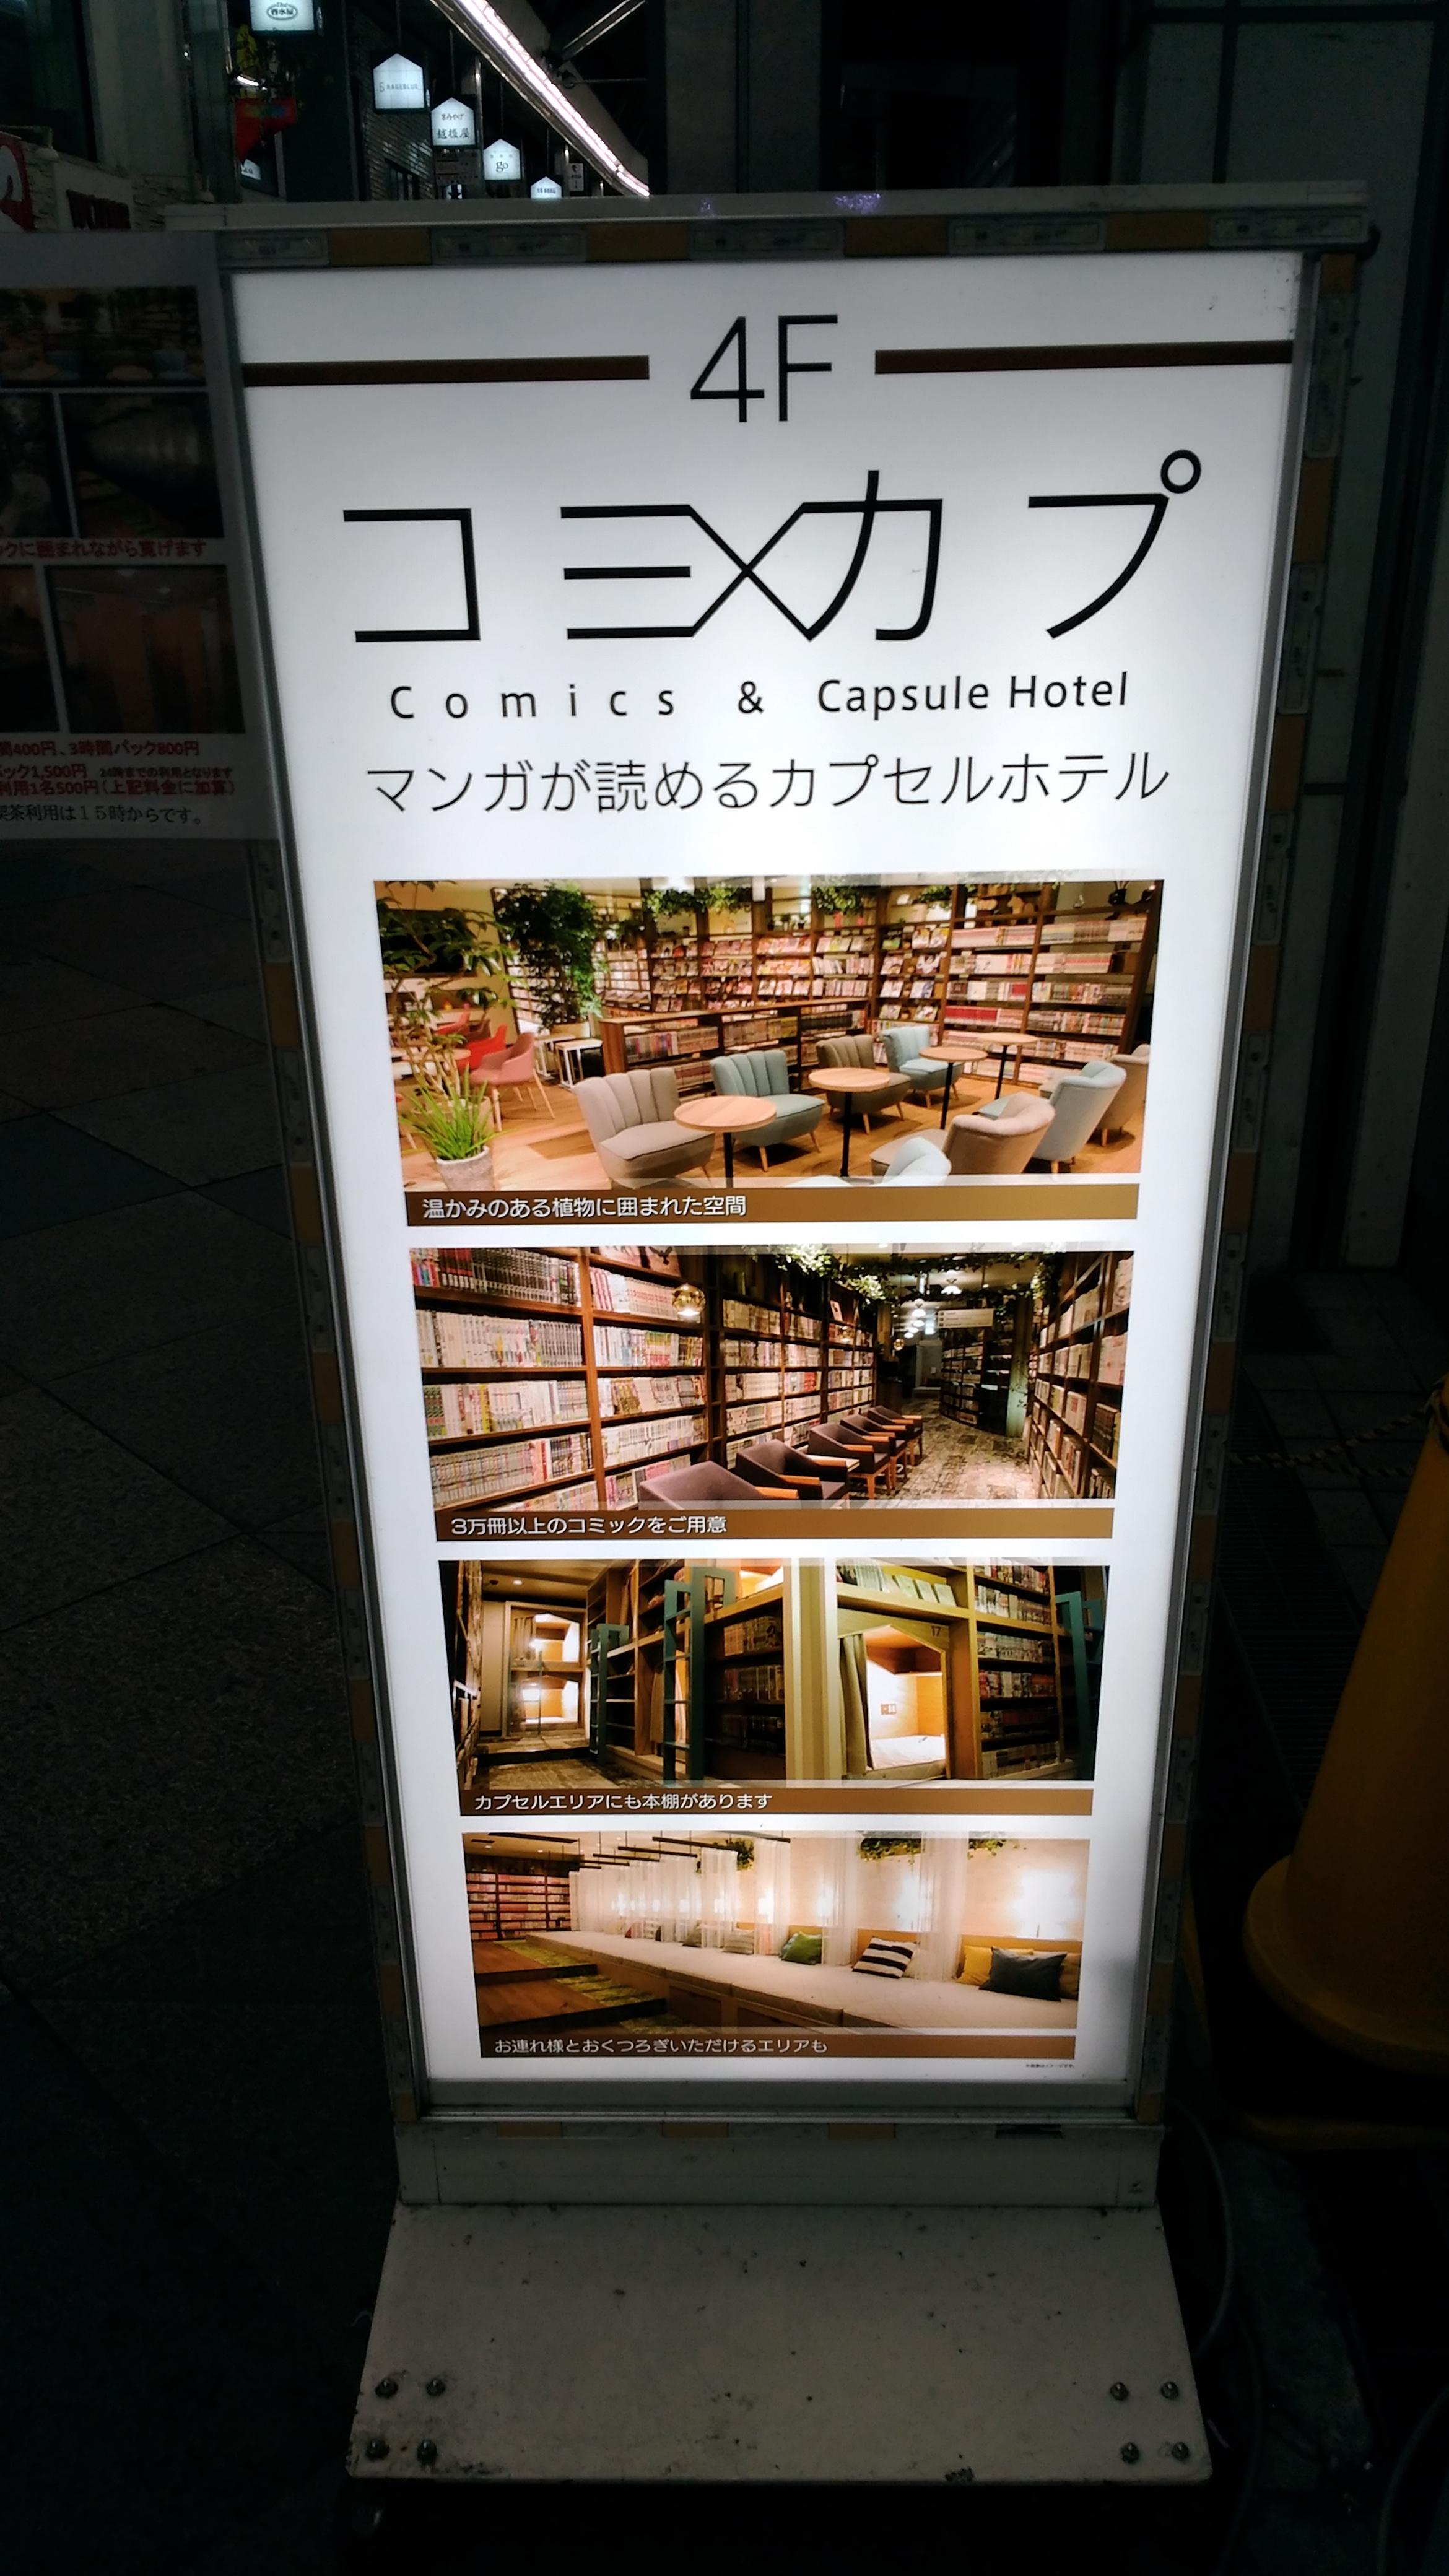 漫画に埋もれて眠るホテル! 京都の【コミカプ】ってご存知ですか? -リピーターのための、おすすめ京都の穴場ガイド-